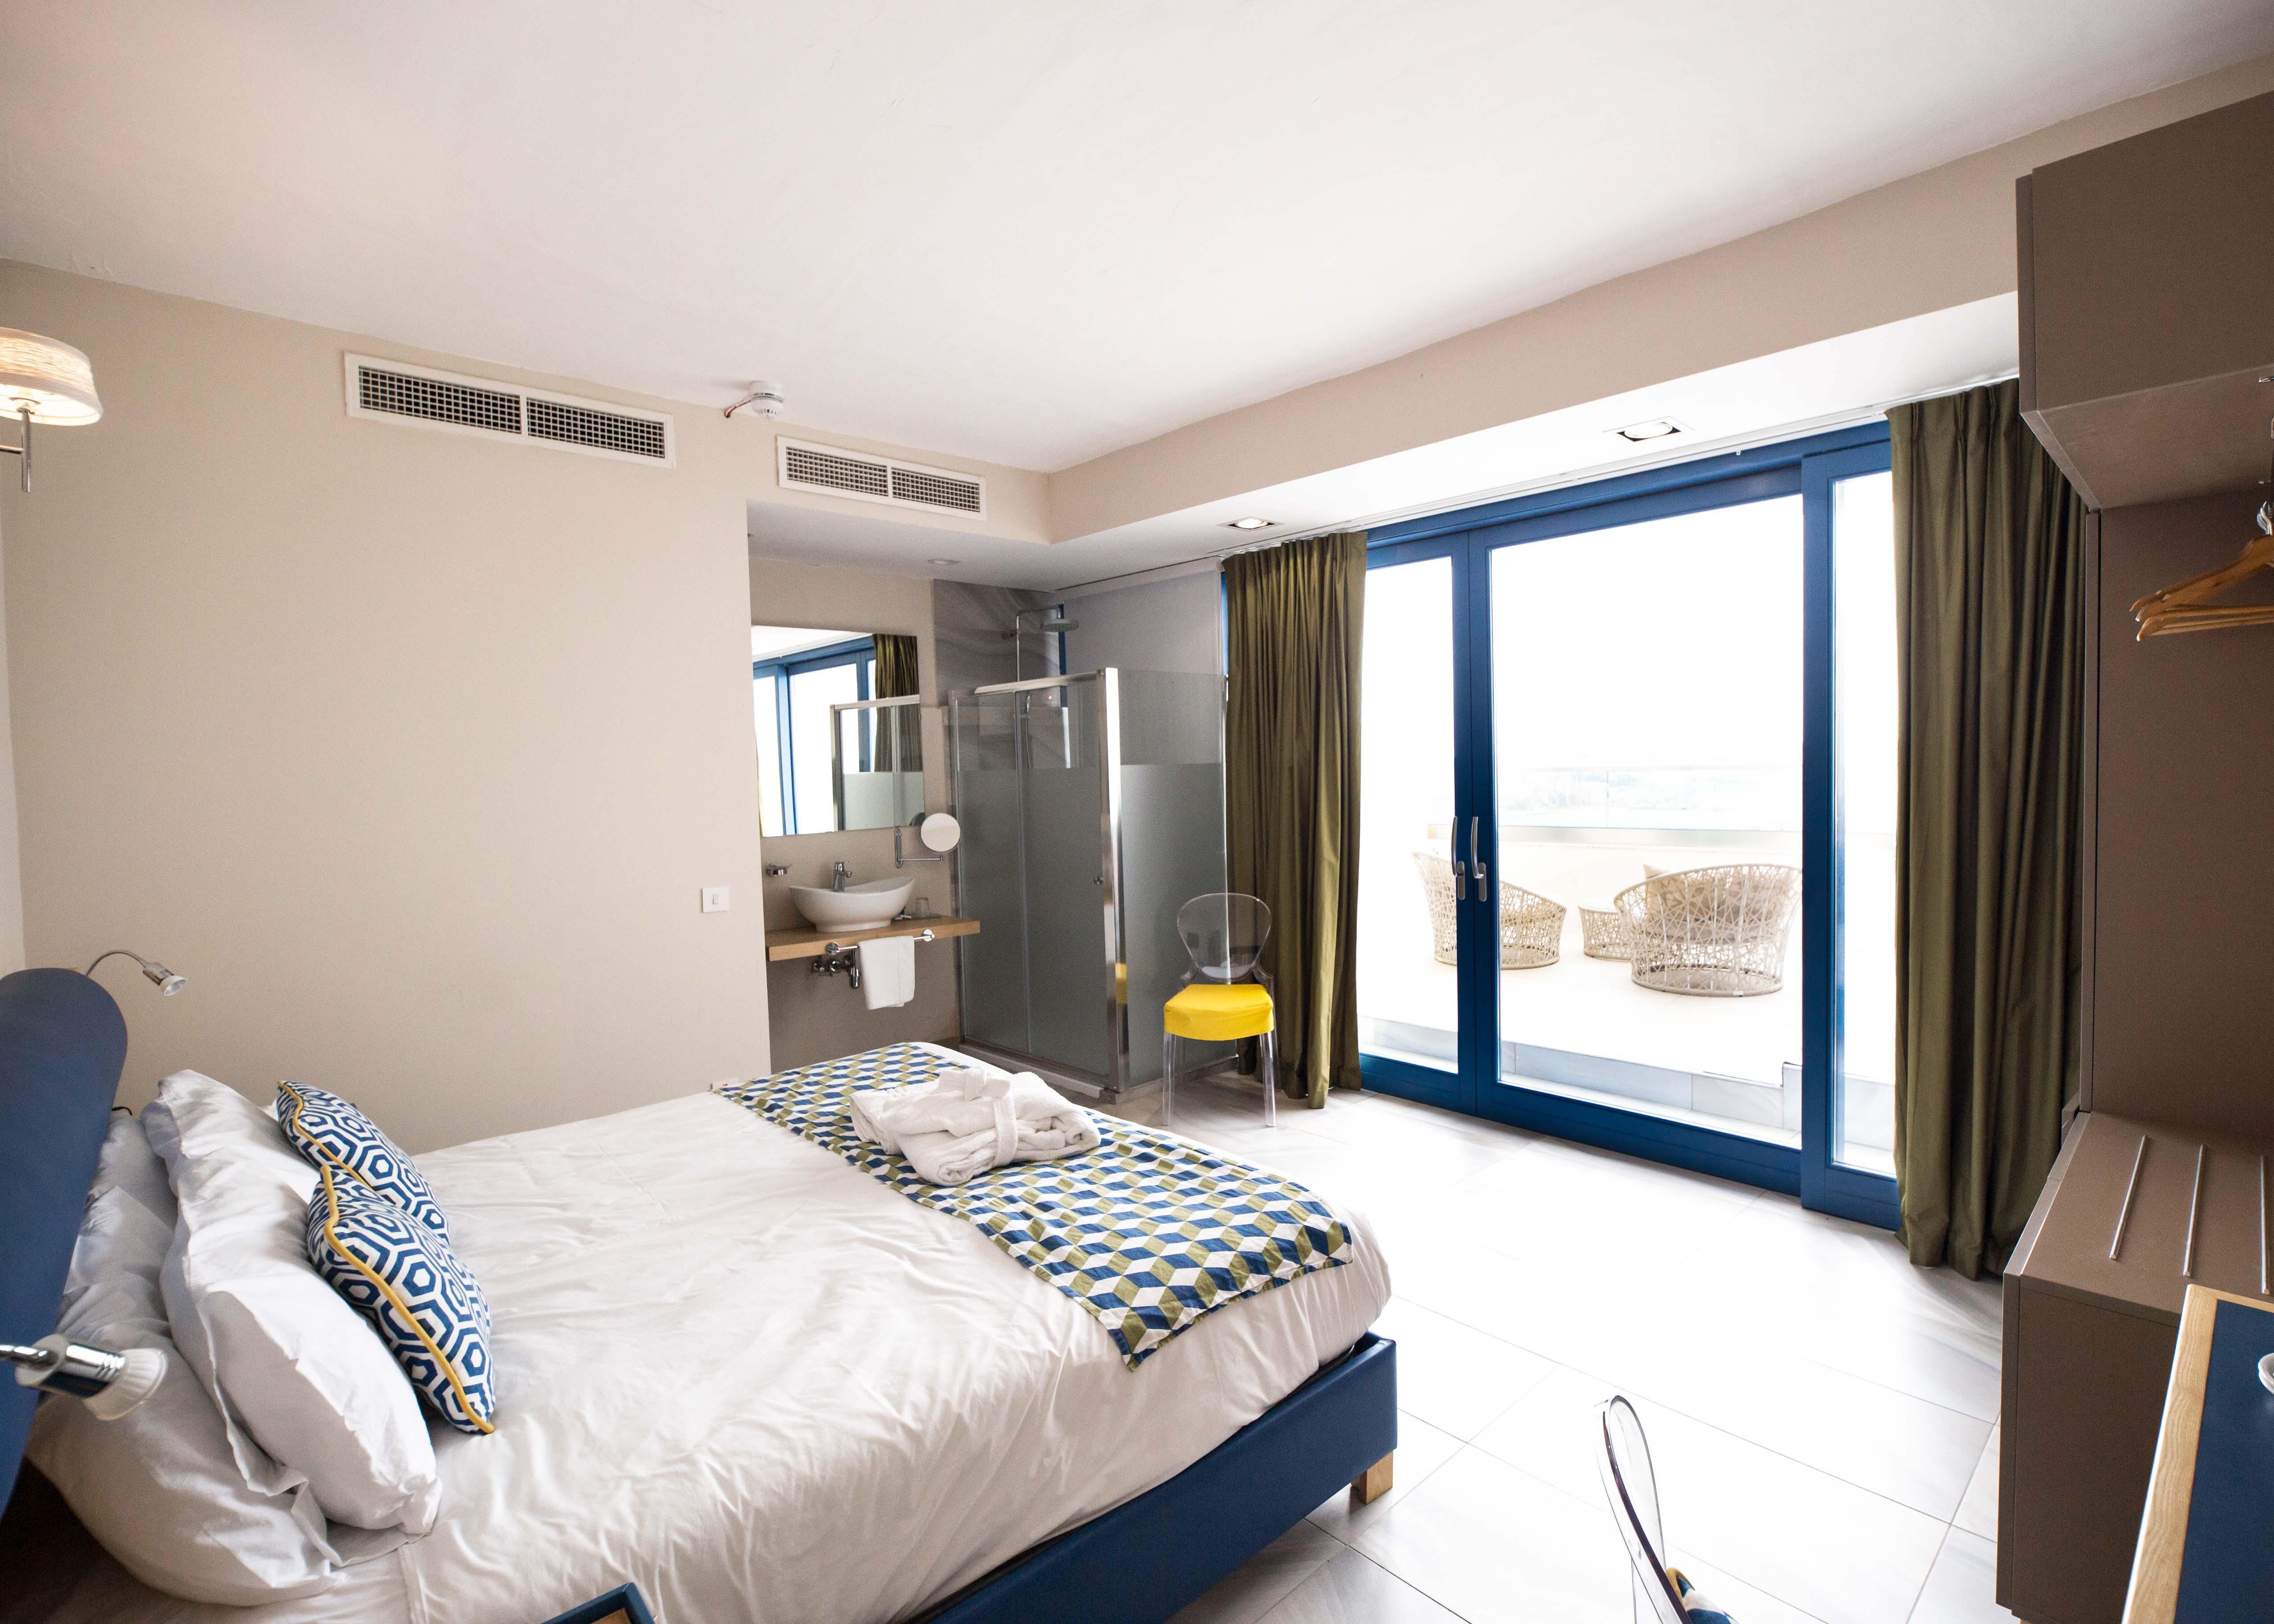 Khách sạn có view thành phố, khách sạn đẹp nhất Malta, The British Suites